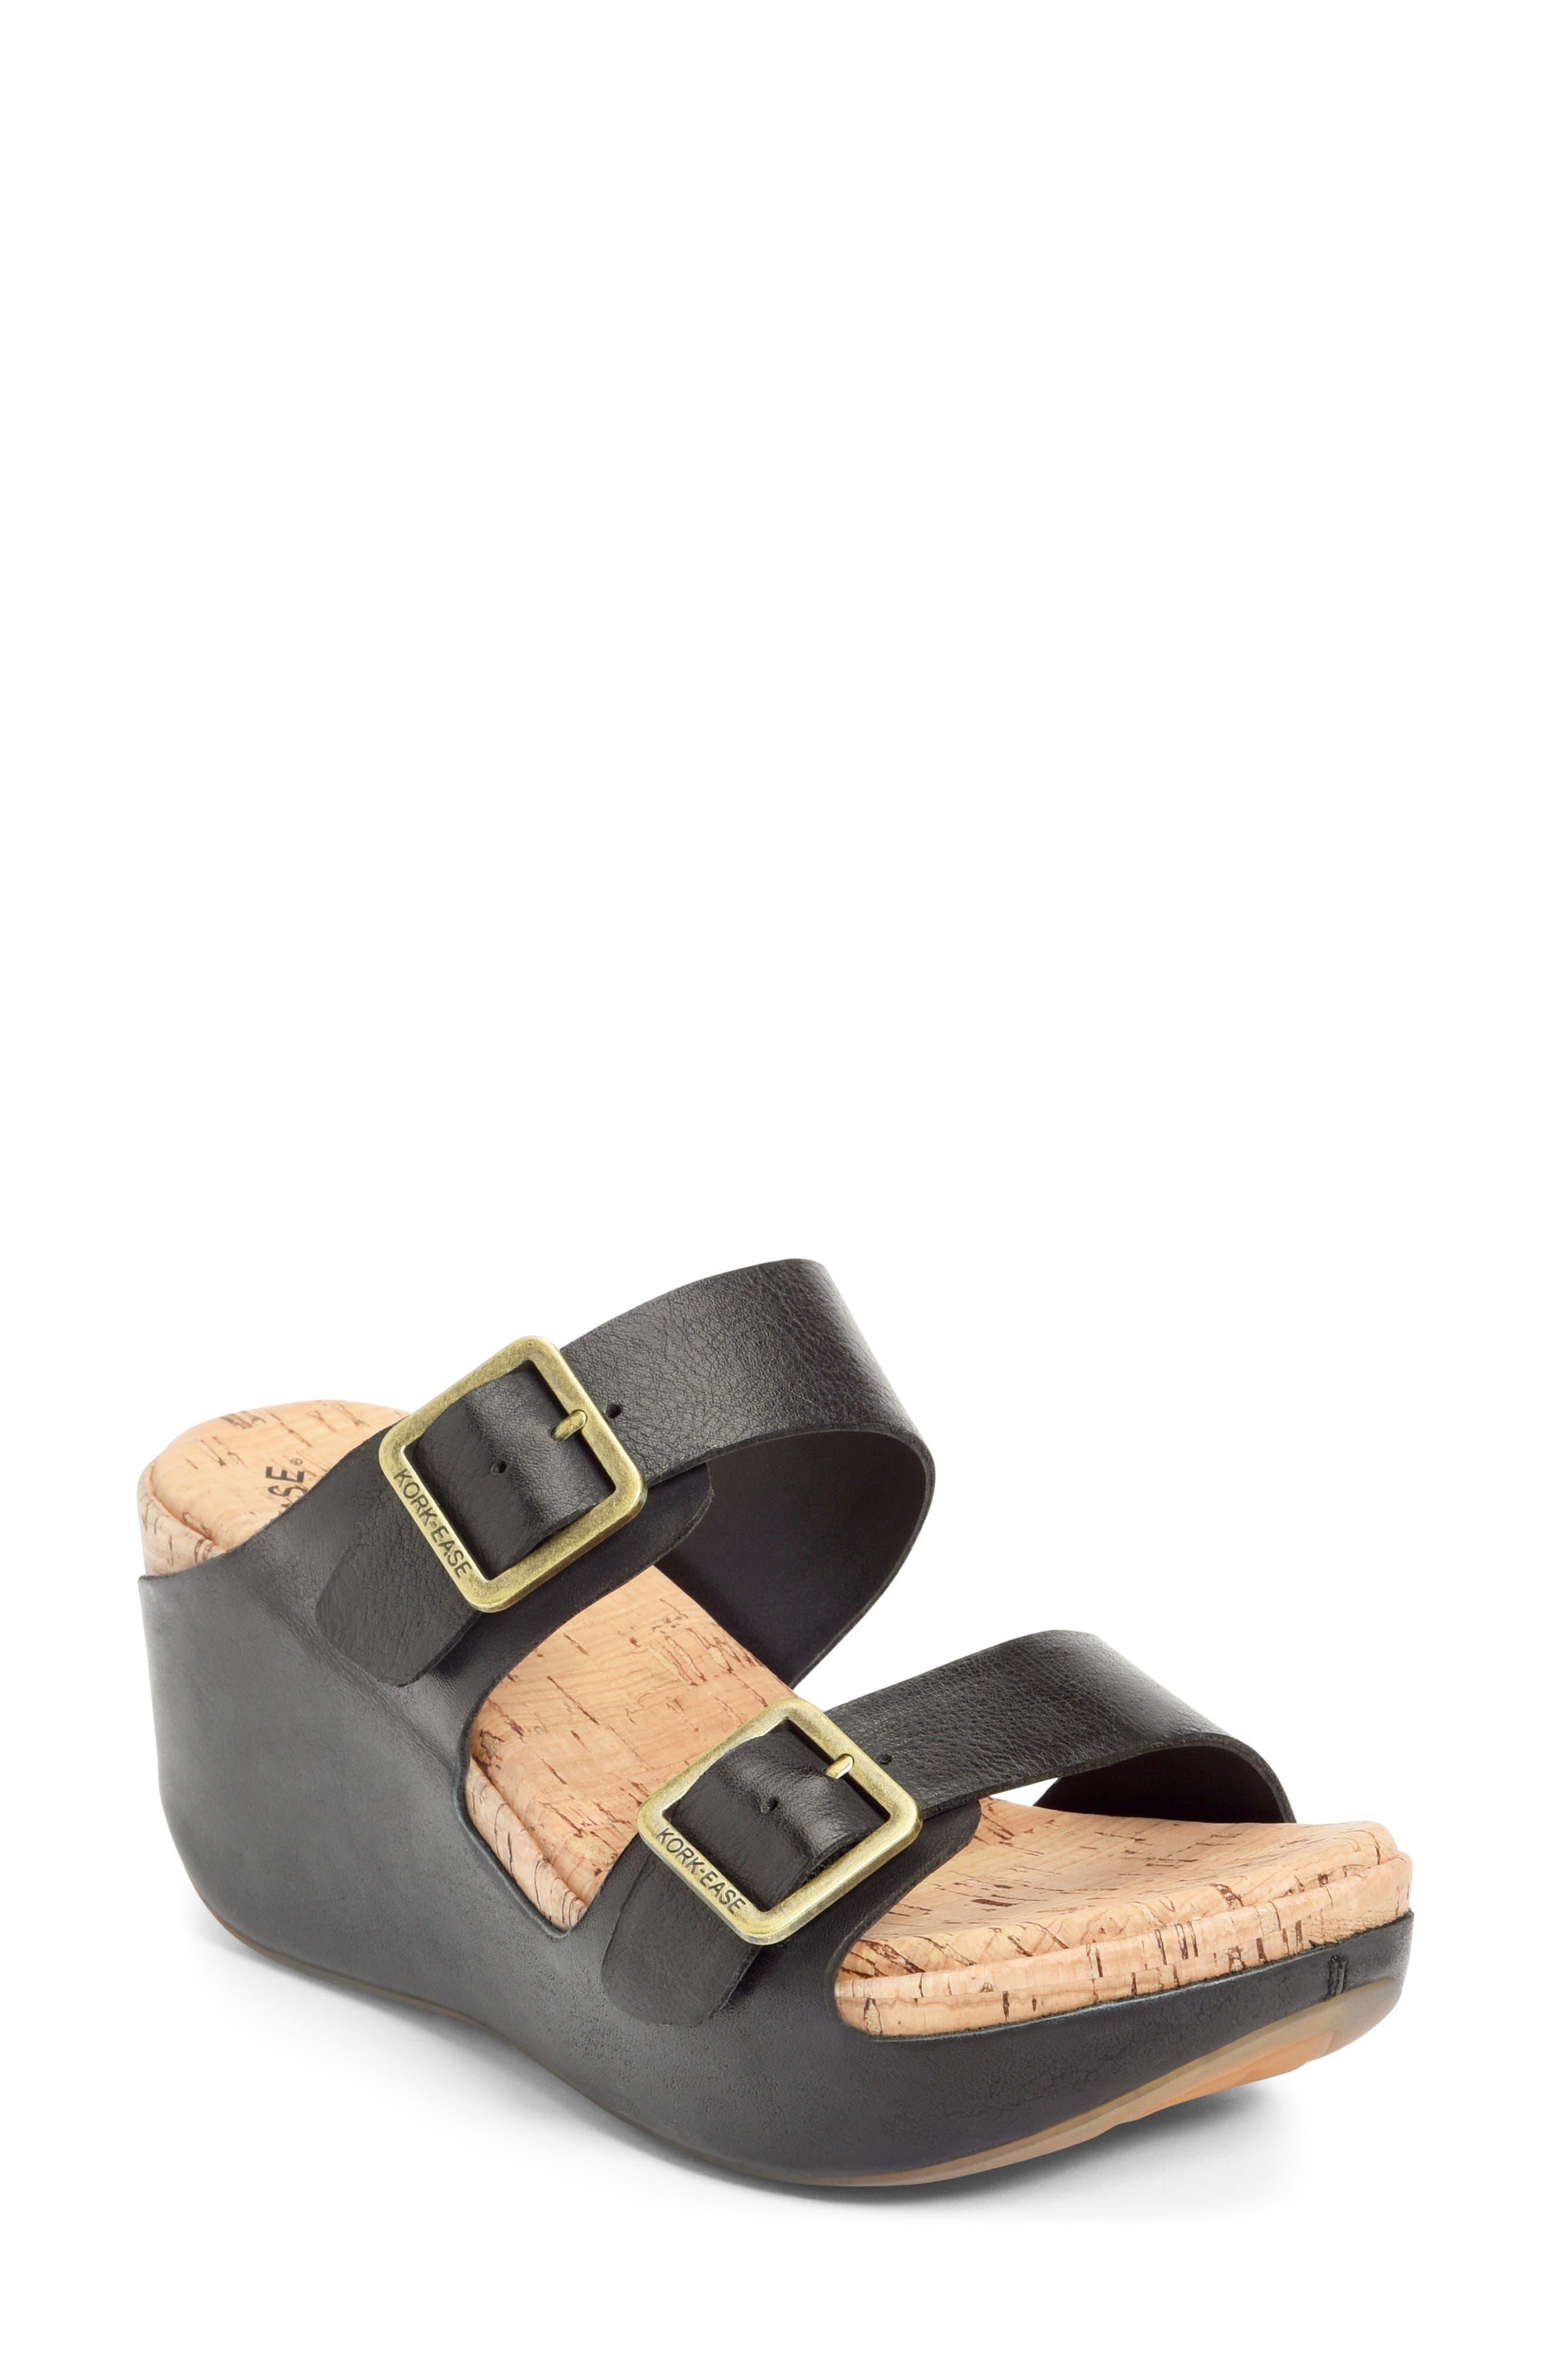 Women's Kork-Ease Grace Wedge Sandal